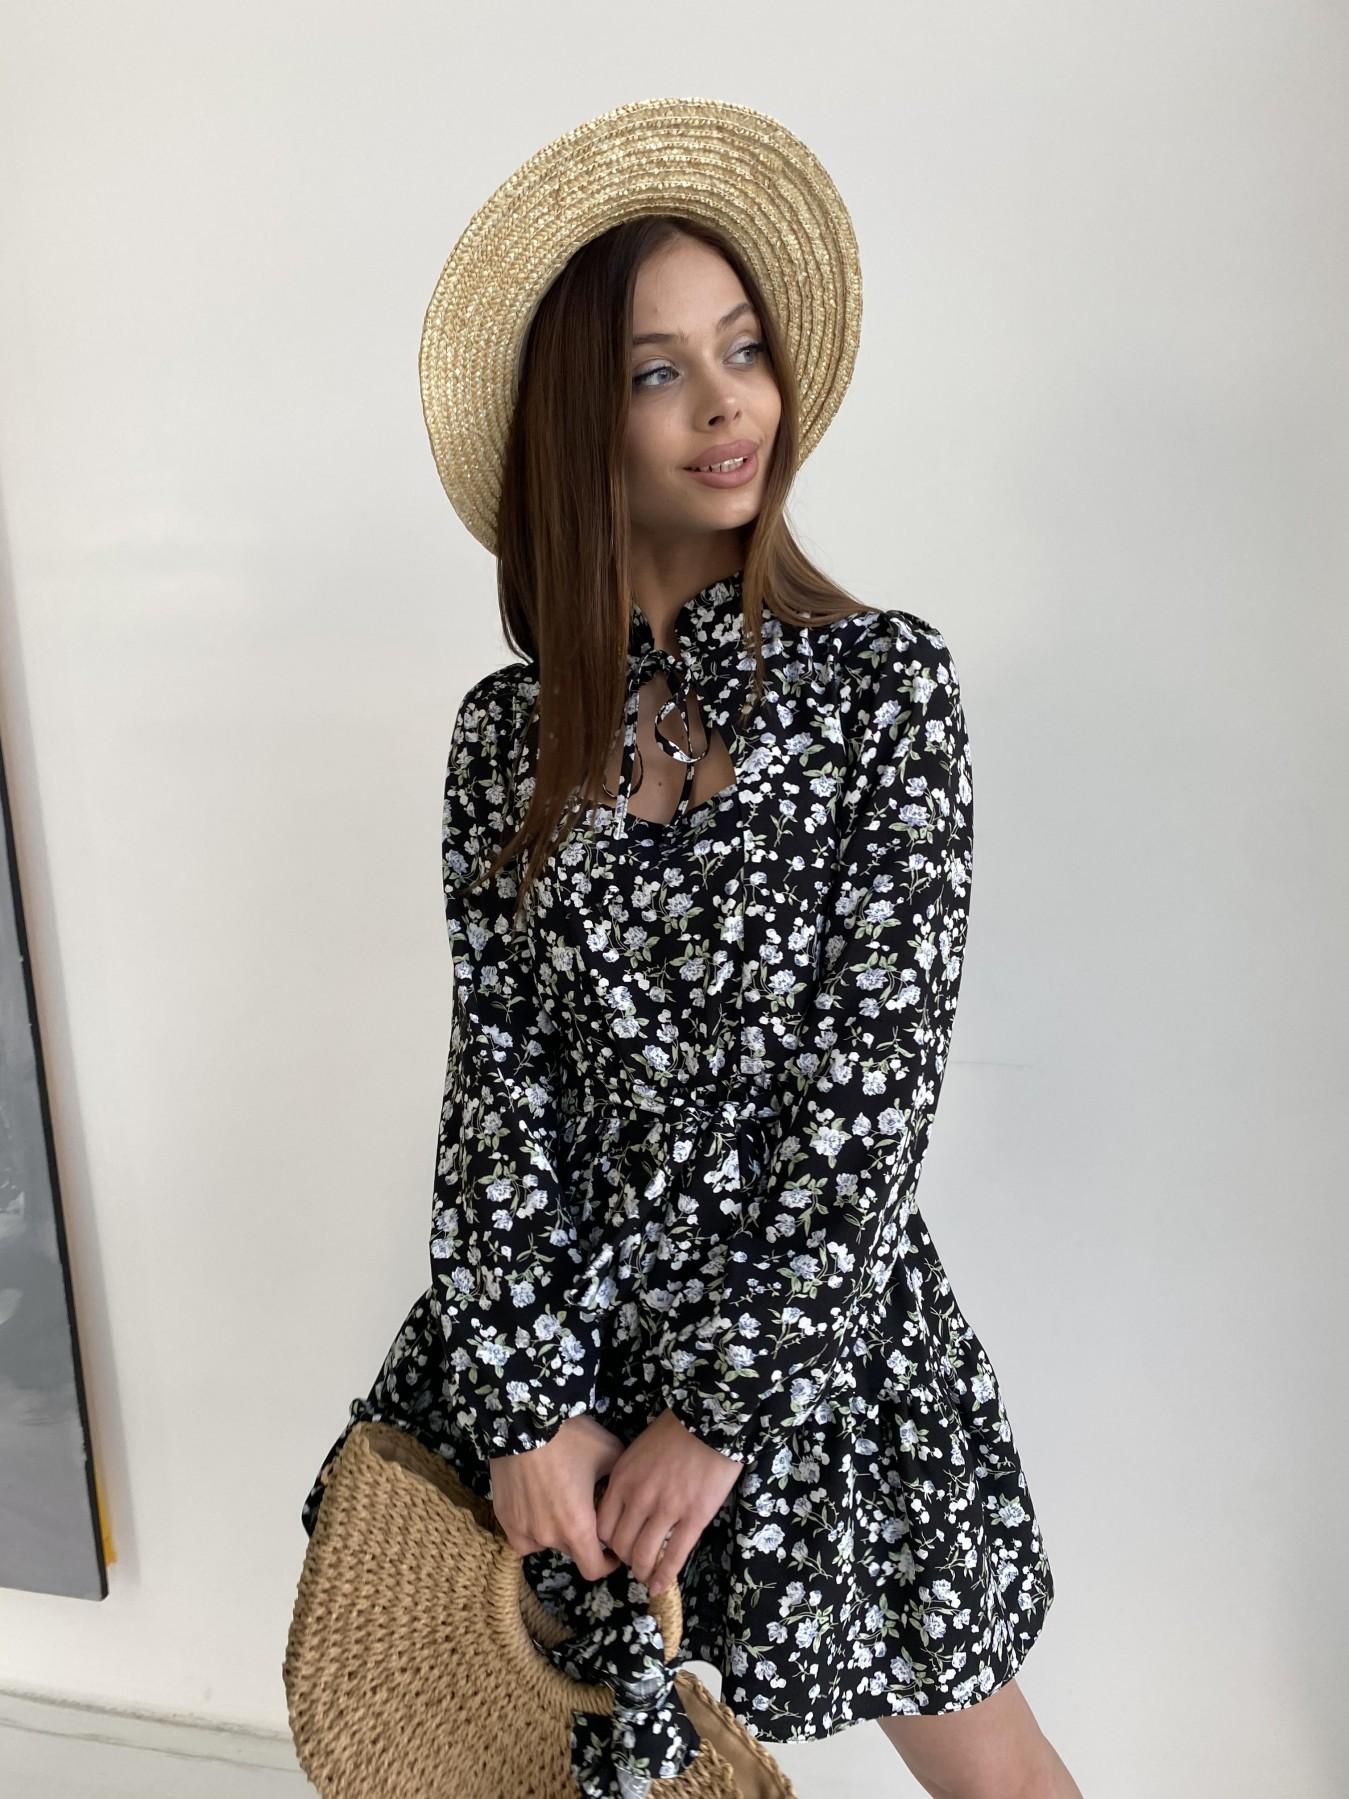 Марселла платье из вискозы и льна 11329 АРТ. 47882 Цвет: Черный/ГолубаяХризантема - фото 5, интернет магазин tm-modus.ru